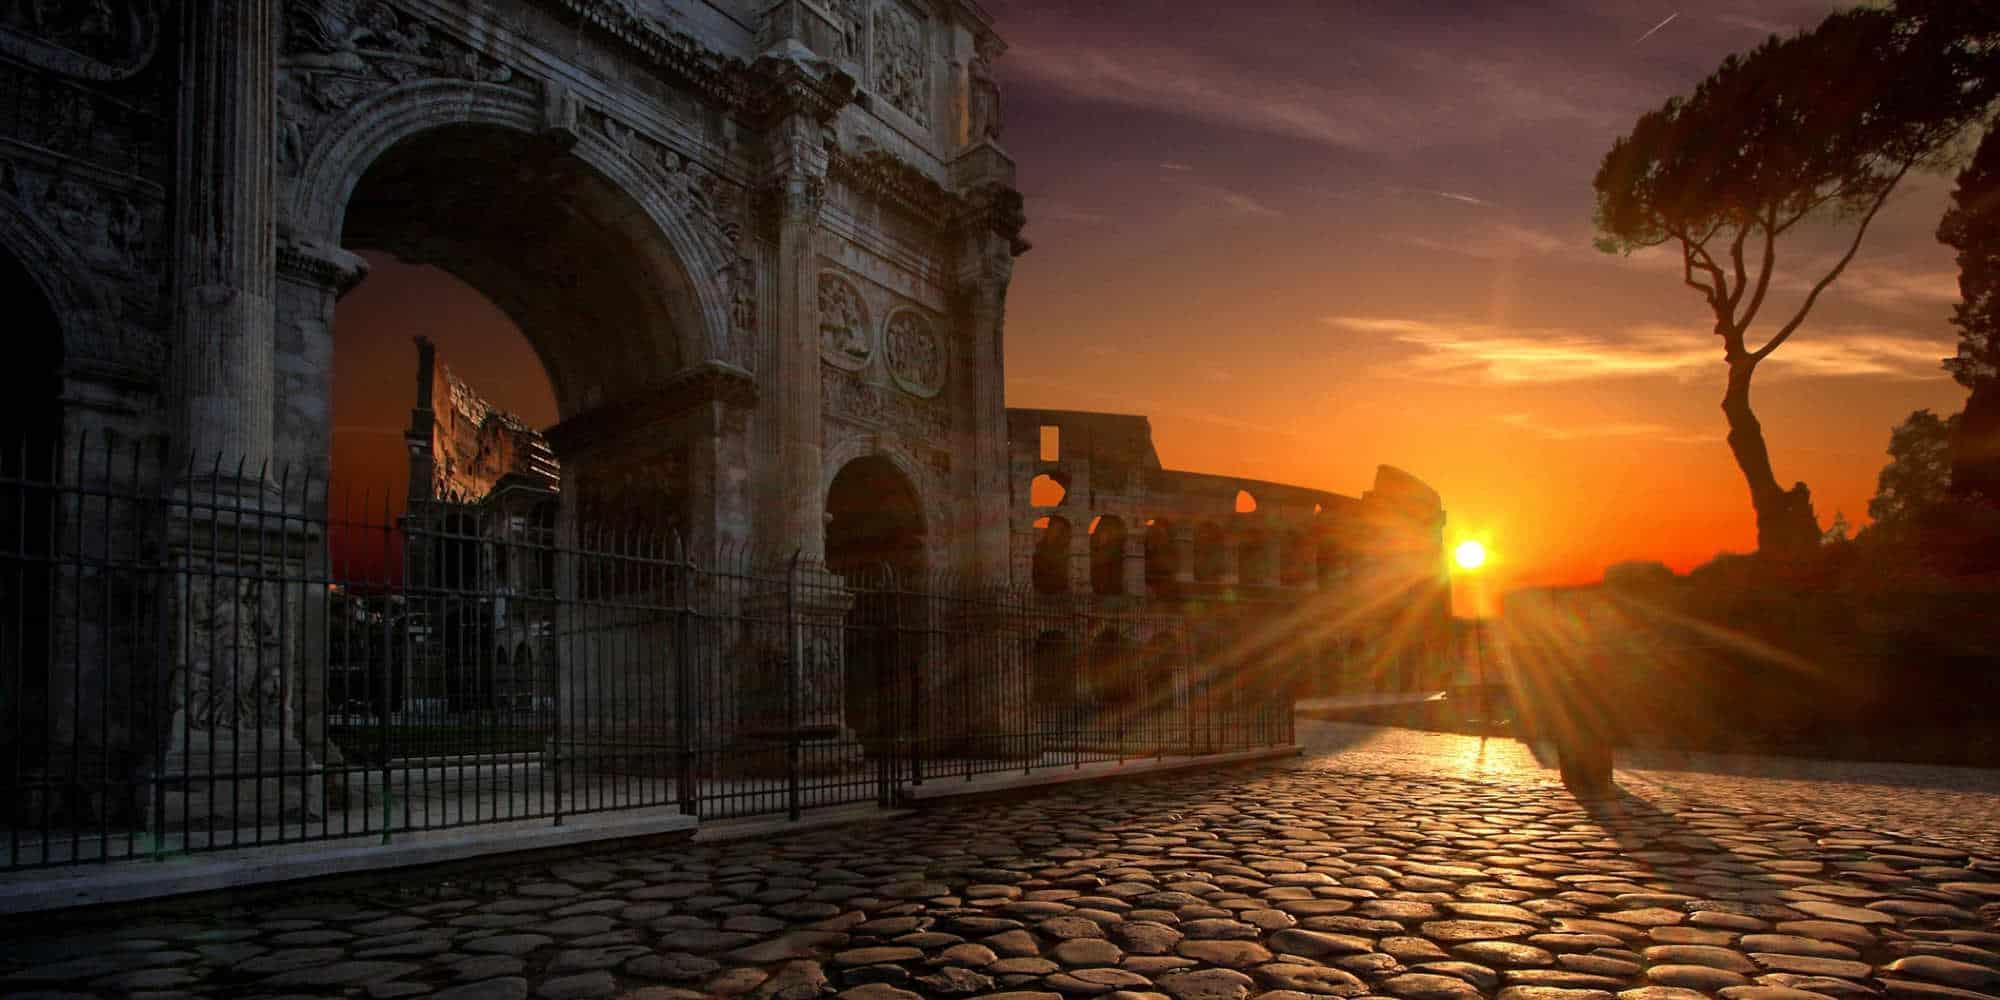 , ROMA: ITINERARI, GASTRONOMIA E TRADIZIONE – PARTE 1^